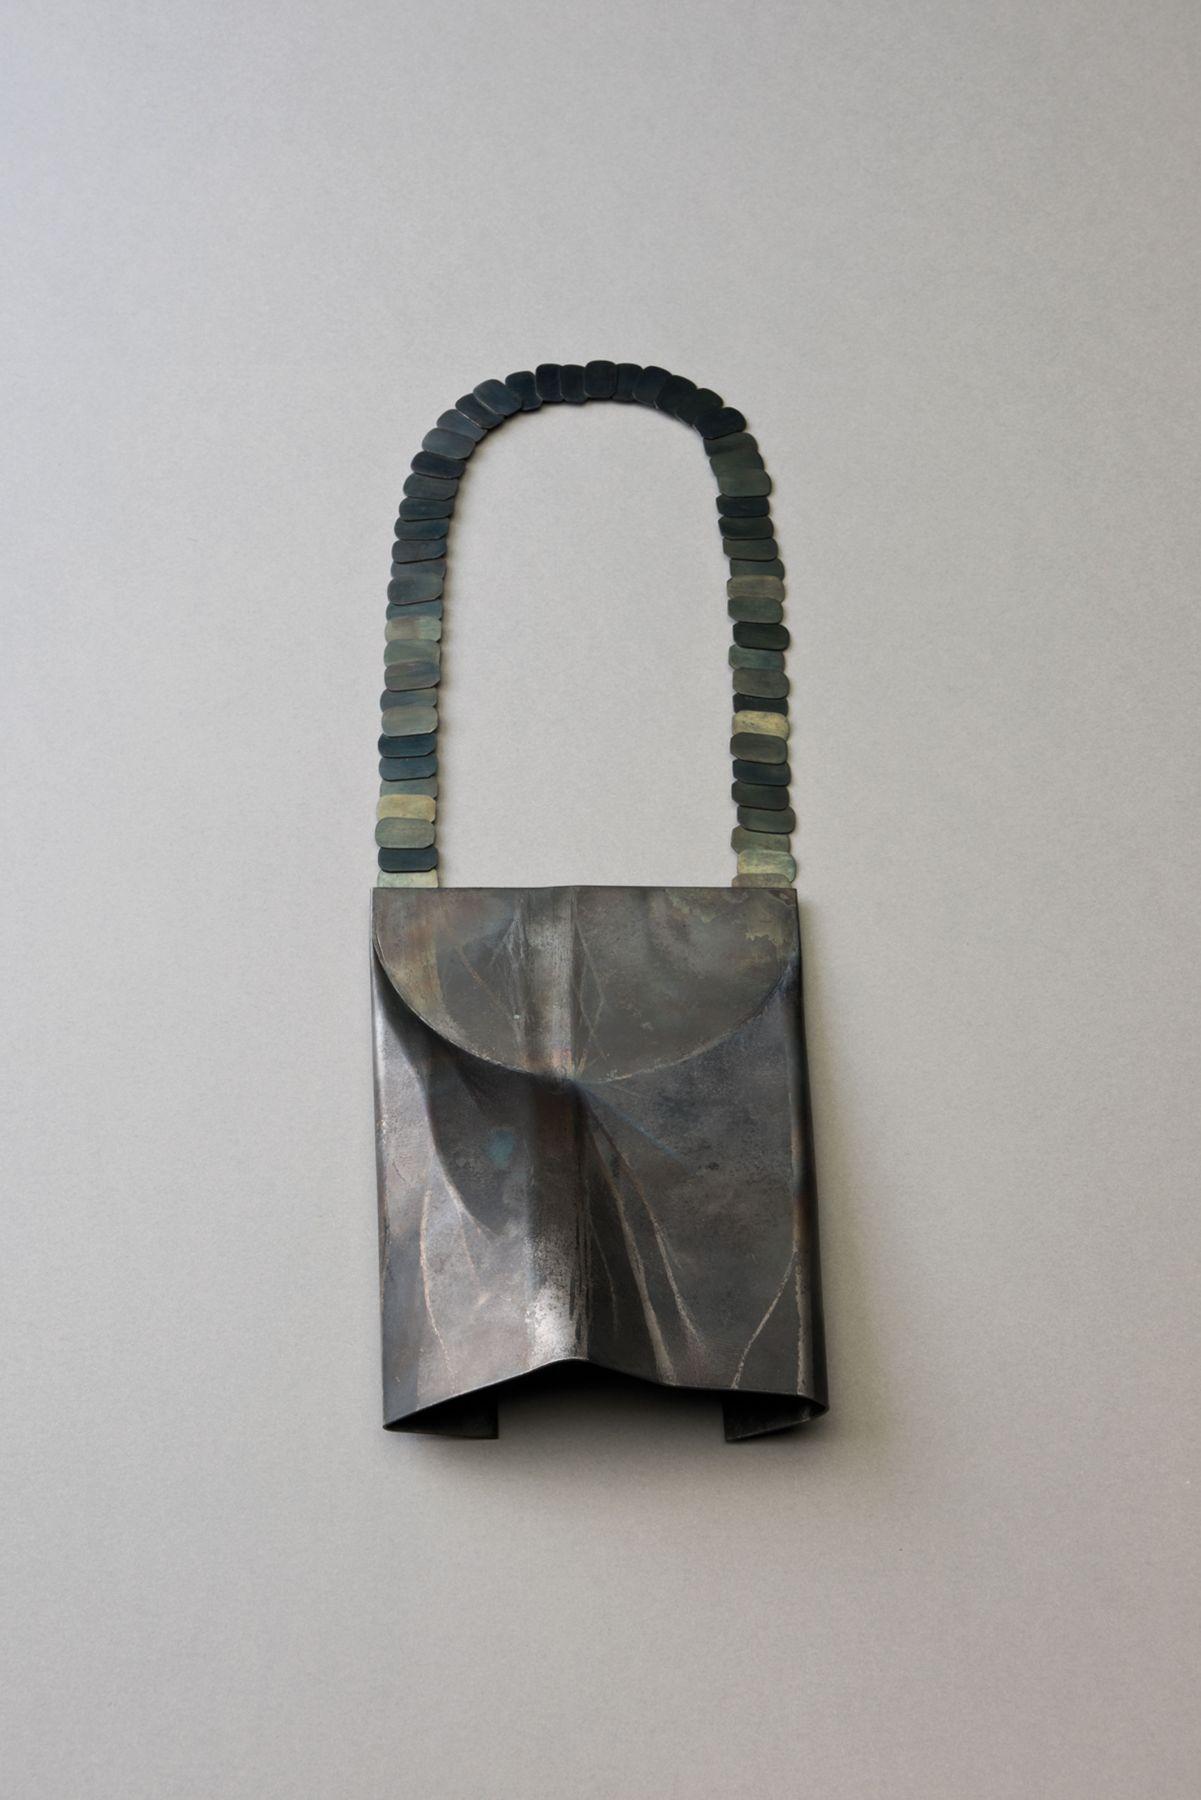 Katrin Feulner, necklace, steel